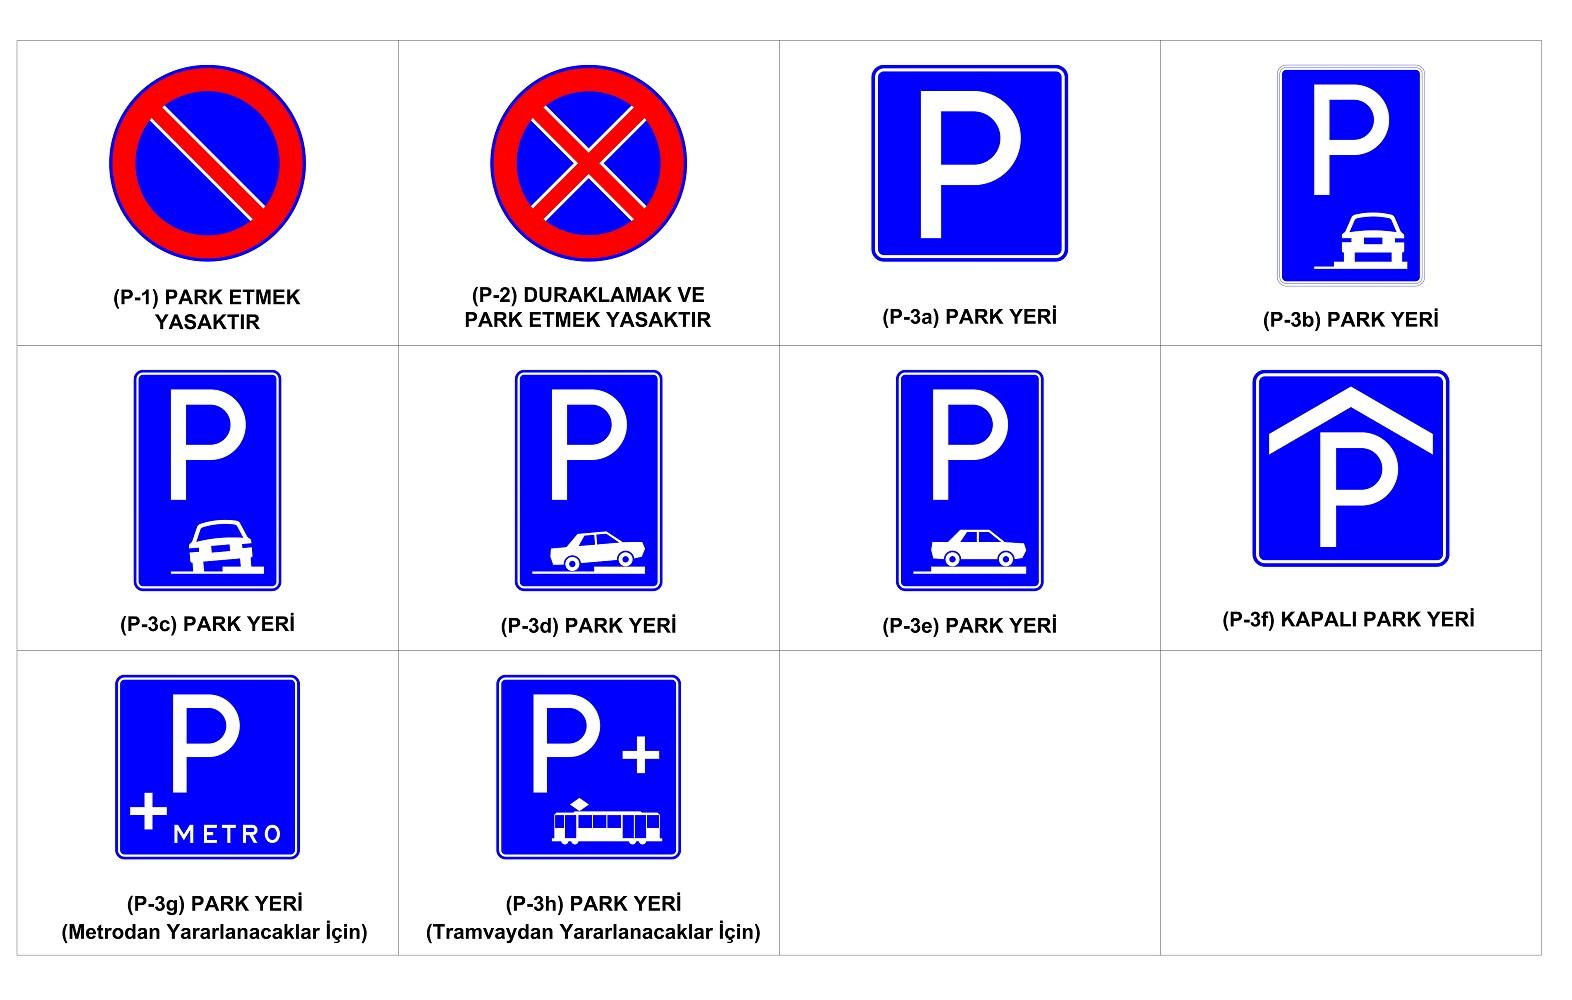 Parketmeisaretleri